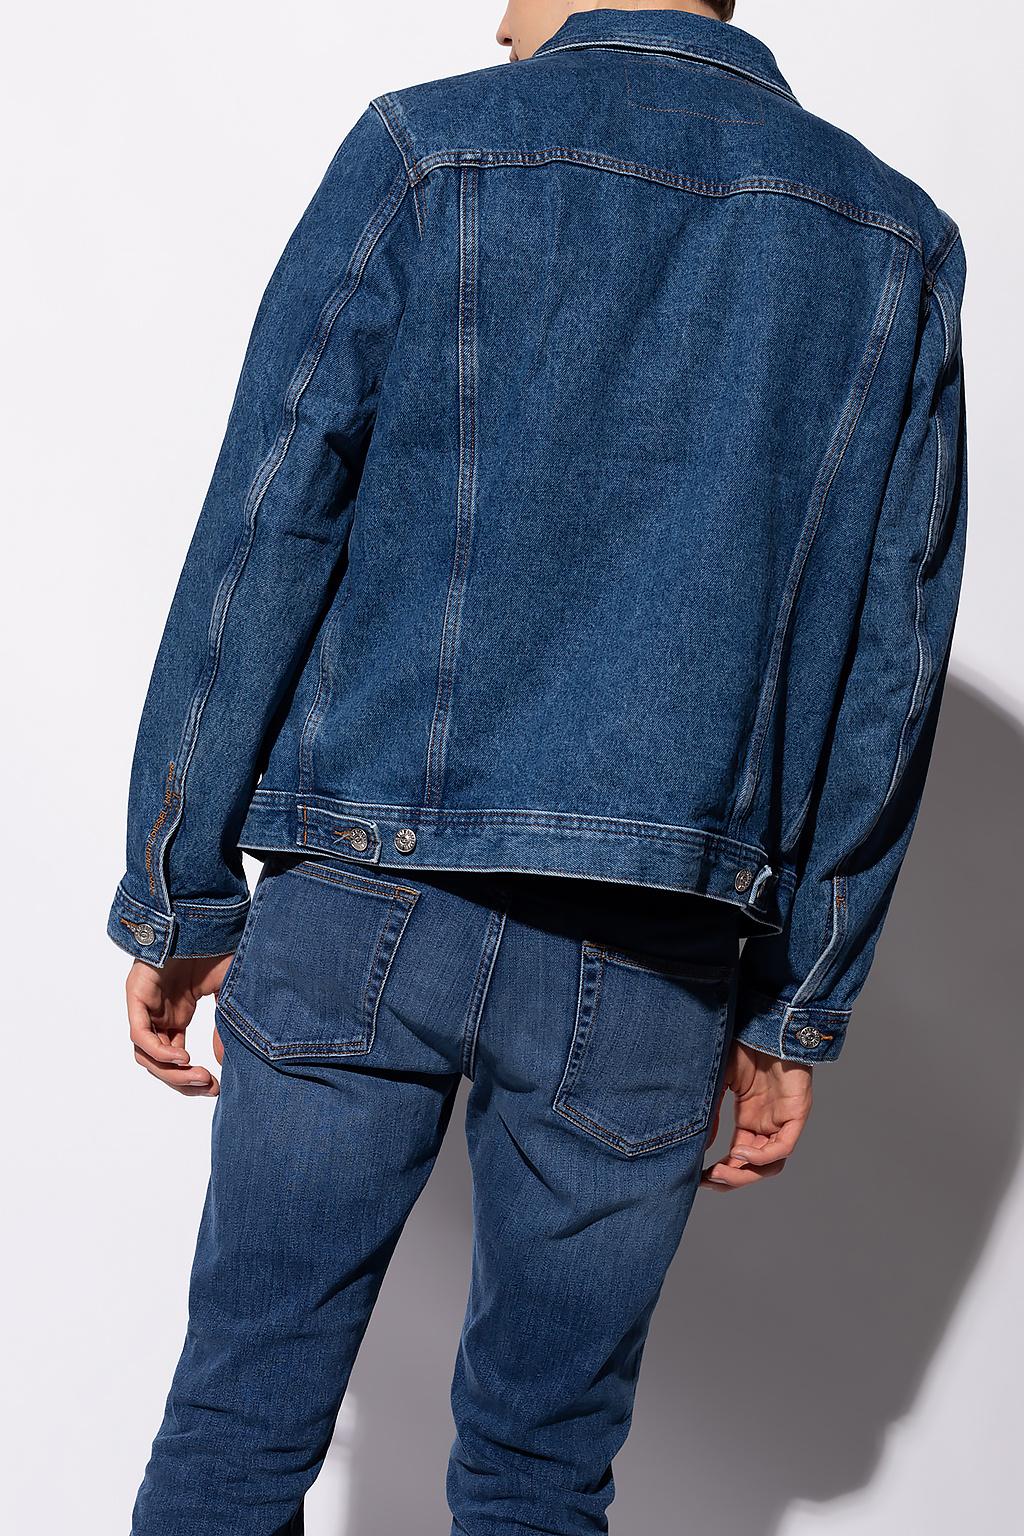 Diesel Denim jacket